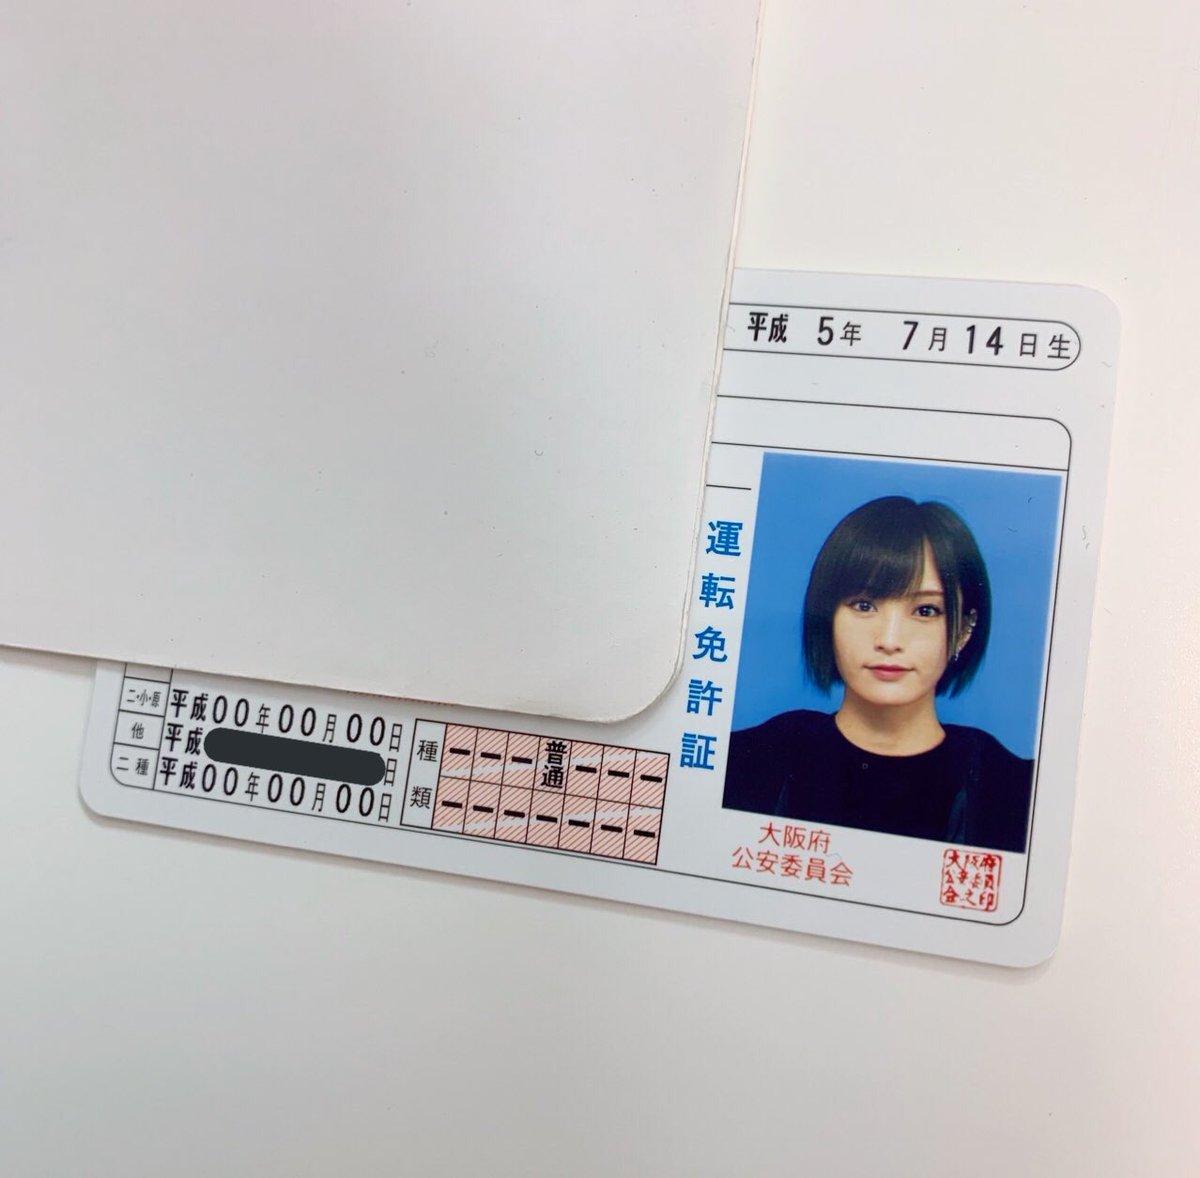 """【アイドル】元NMB48山本彩、「ついに」""""運転免許証""""取得 証明写真に「こんなに可愛く写ってる人初めて見た」の声"""